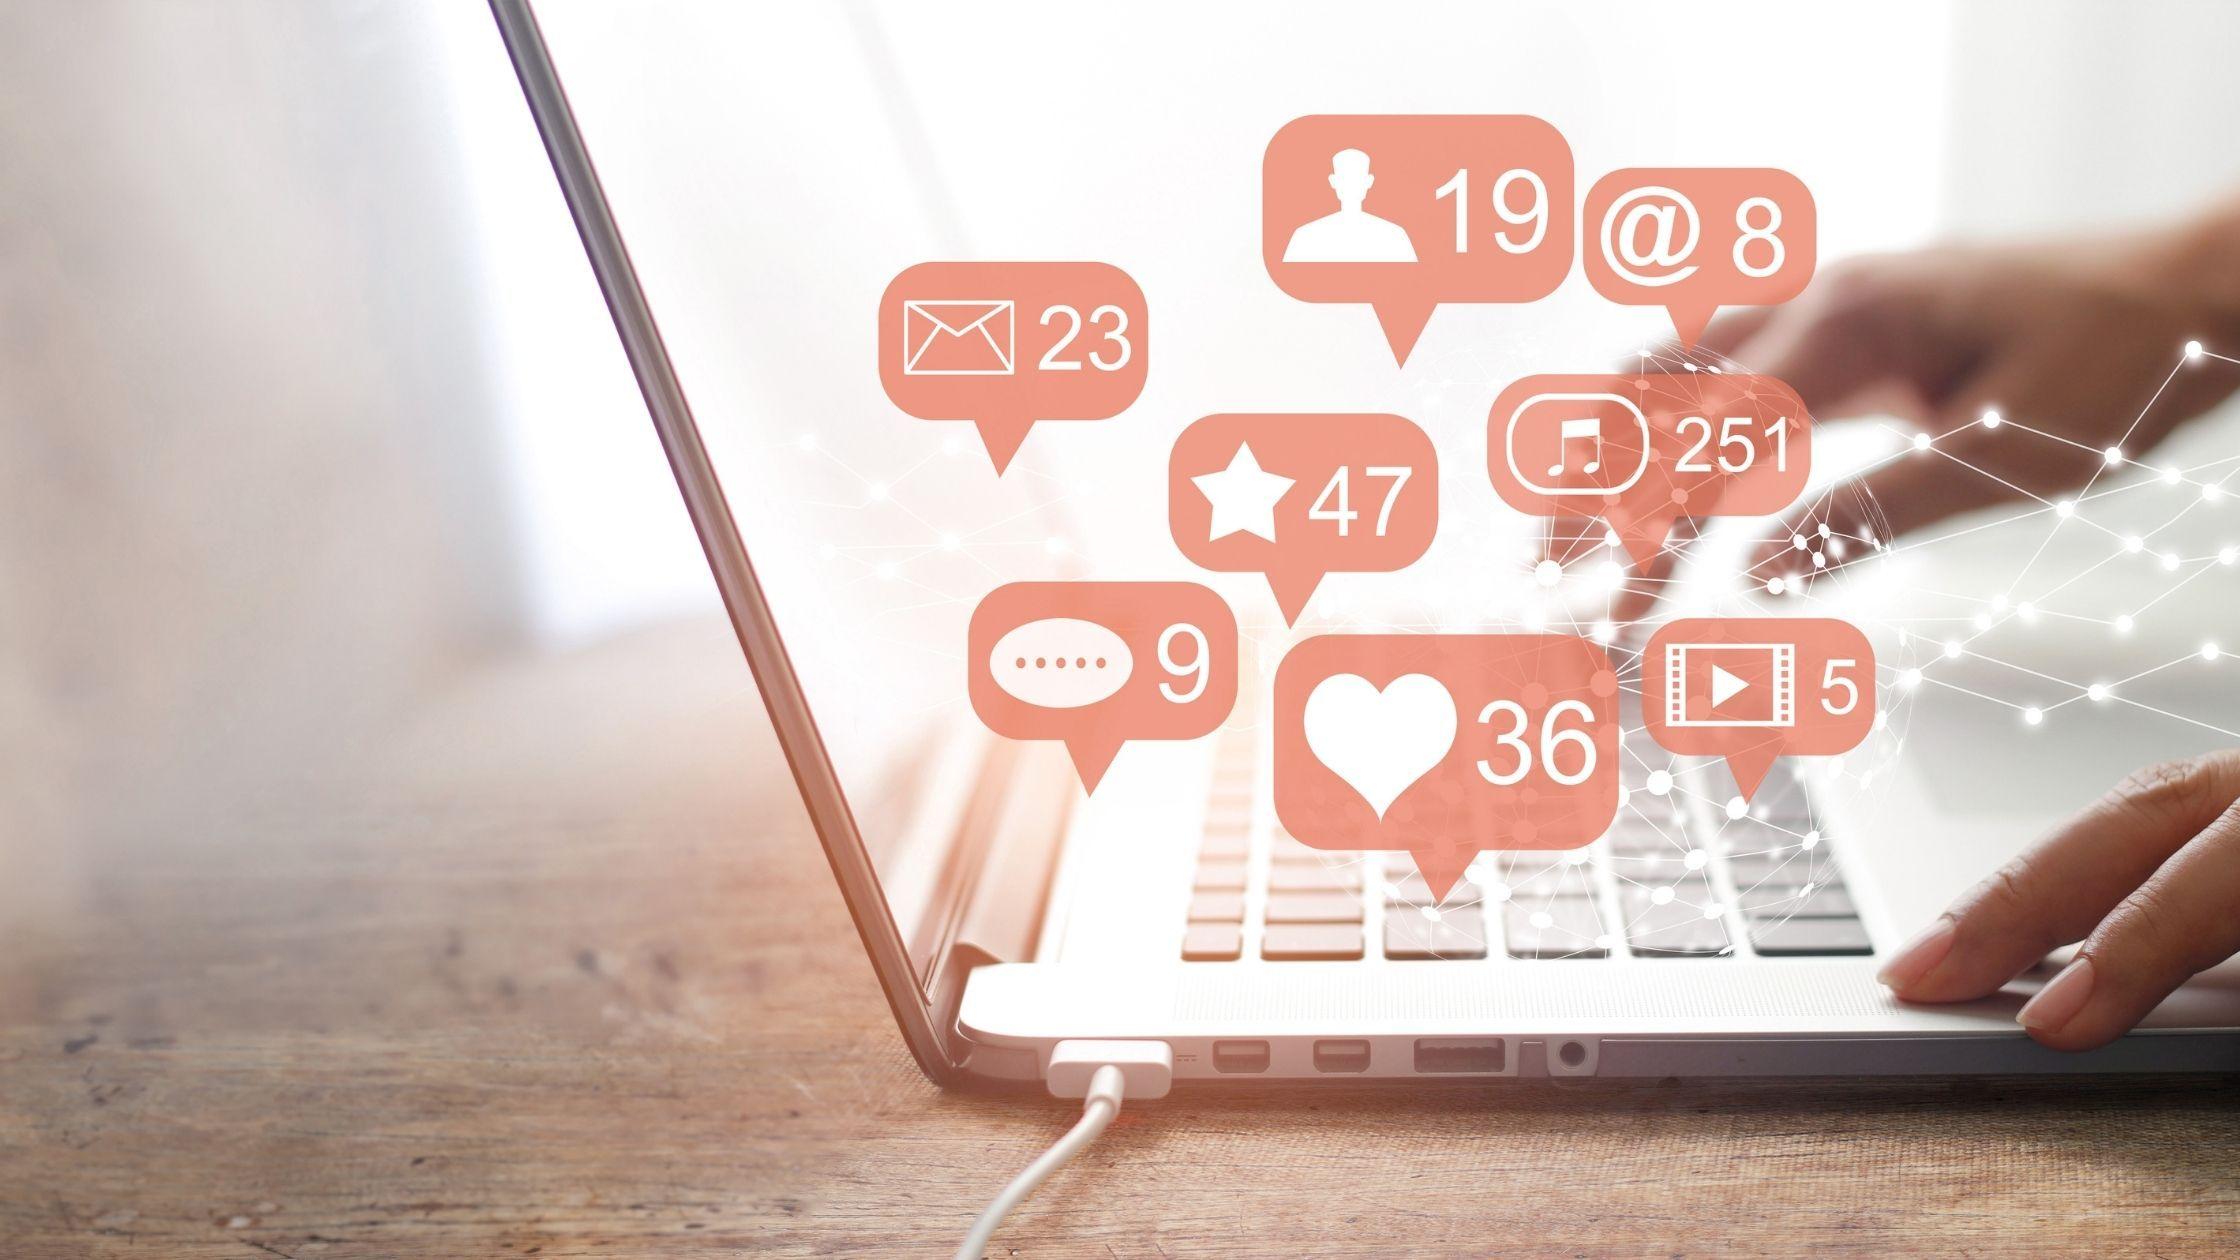 9 mejores plugins de publicación automática en redes sociales para WordPress 2021 - 1ª Parte